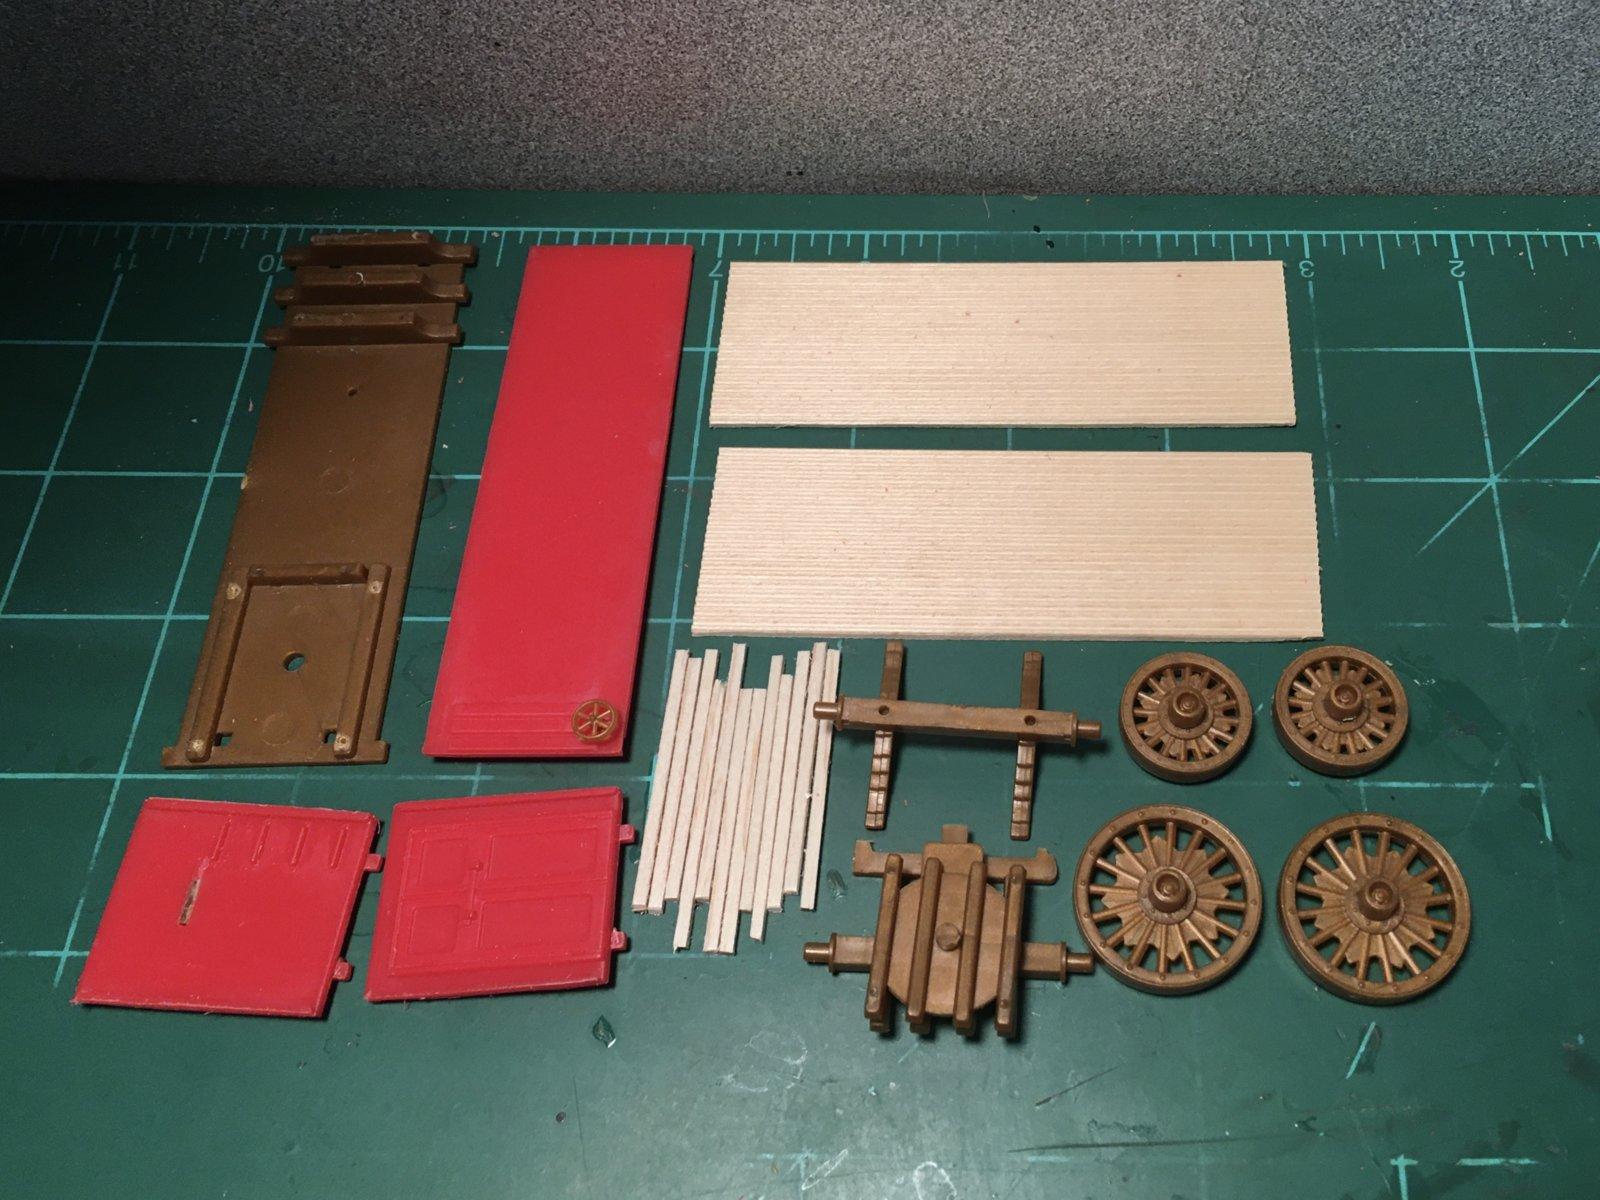 3D2F6249-F675-4718-9BAF-4130AC99EA03.jpeg